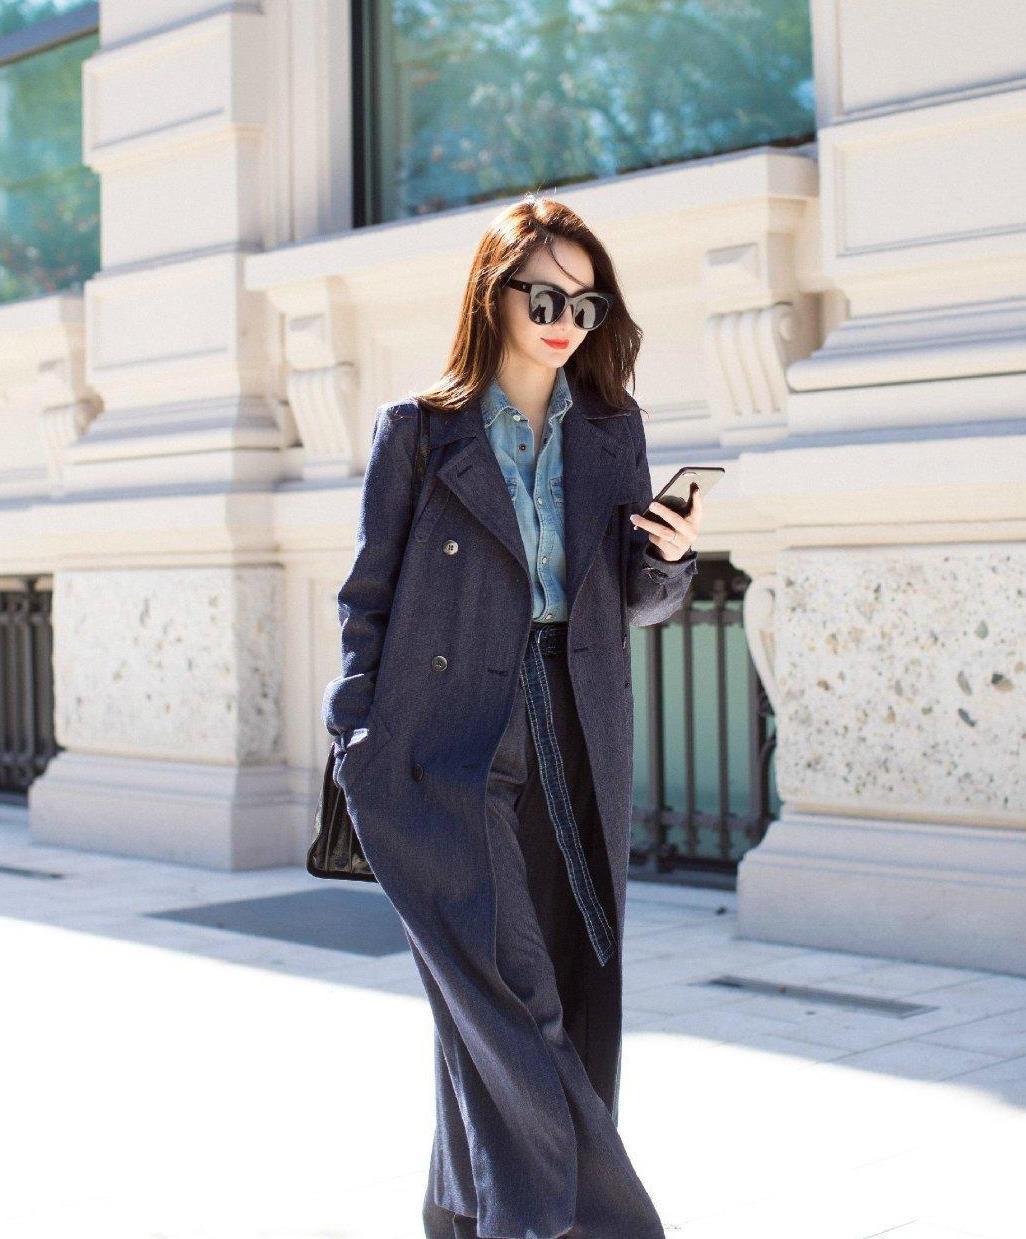 戚薇可真是个时髦精,深蓝色大衣搭配衬衫霸气干练,气场十足